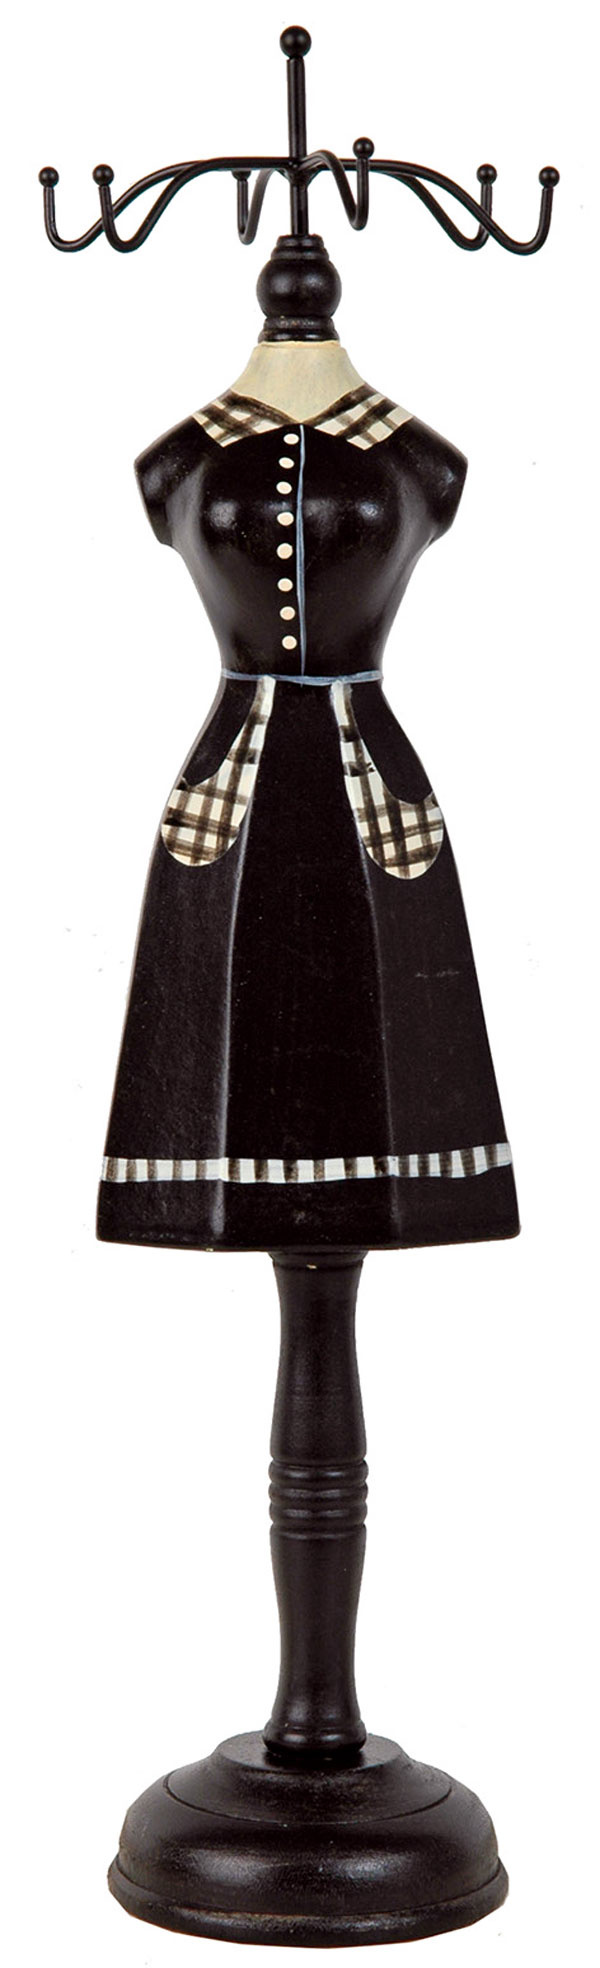 Viacramenný vešiak na šperky zdreva, rozmery 11 × 12,5 × 38cm. Cena11,90 €, predáva www.vilavilocka.sk.